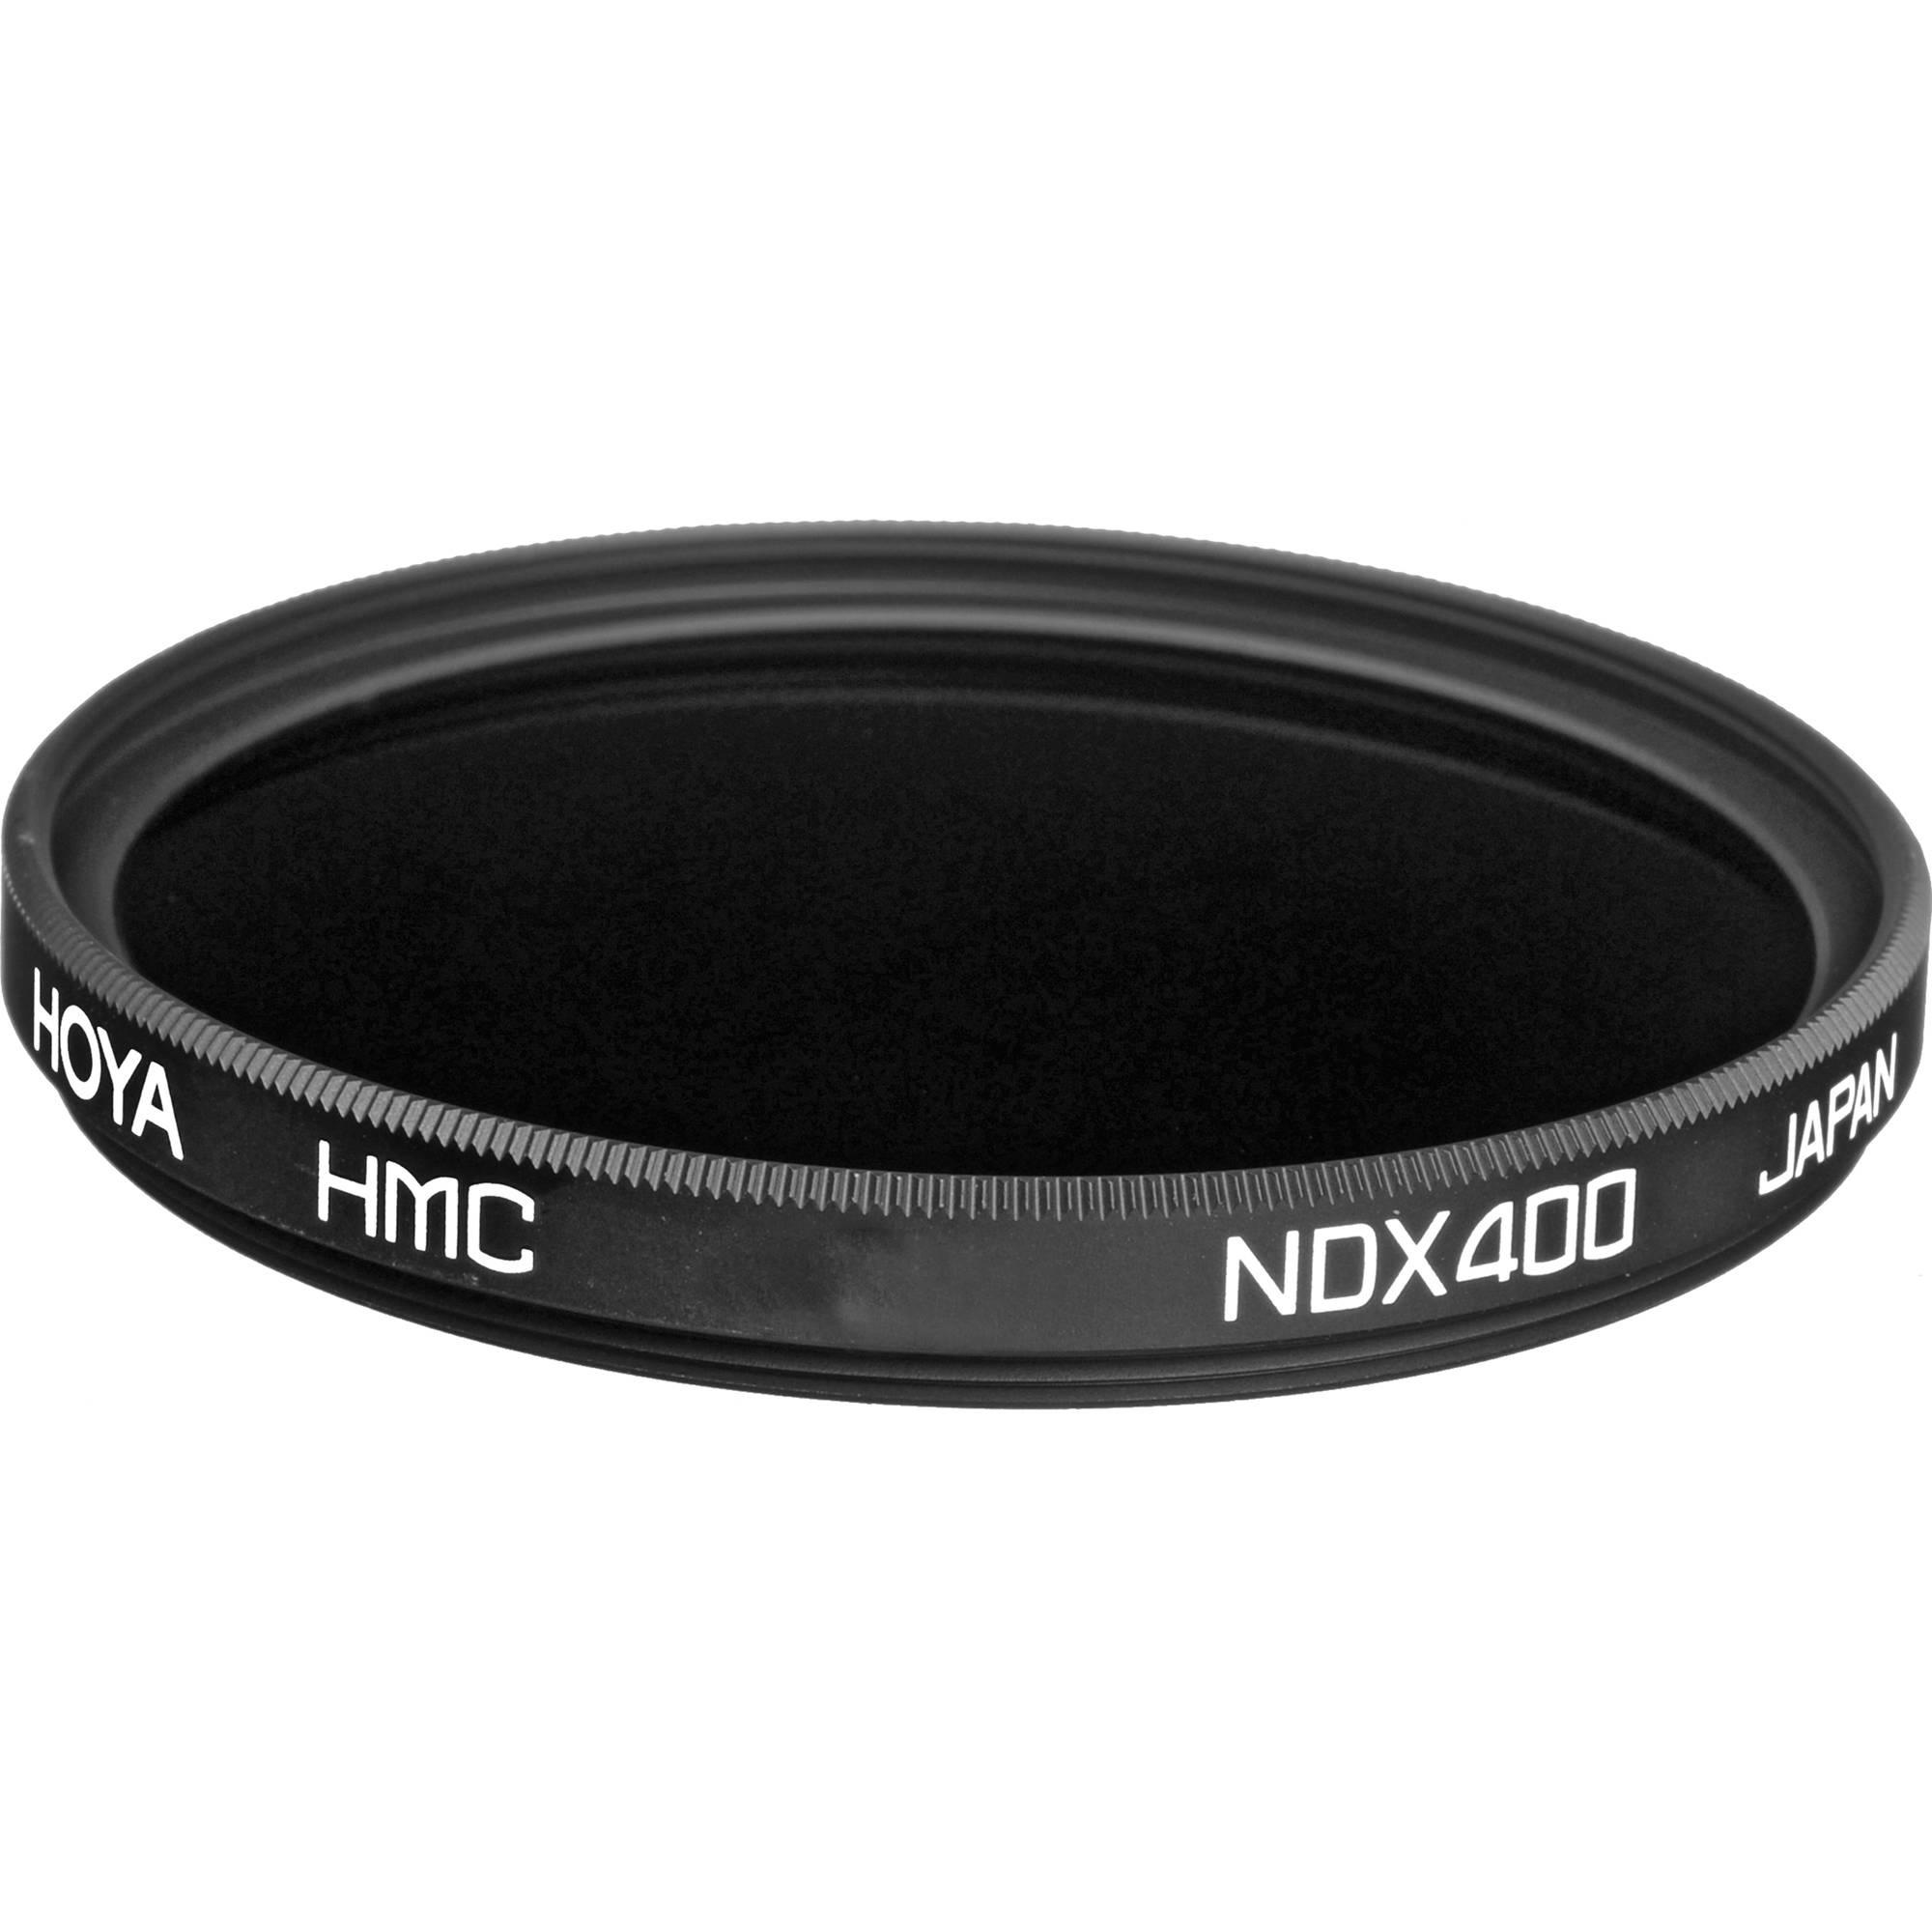 Hoya 49mm HMC Neutral Density x400 Filter